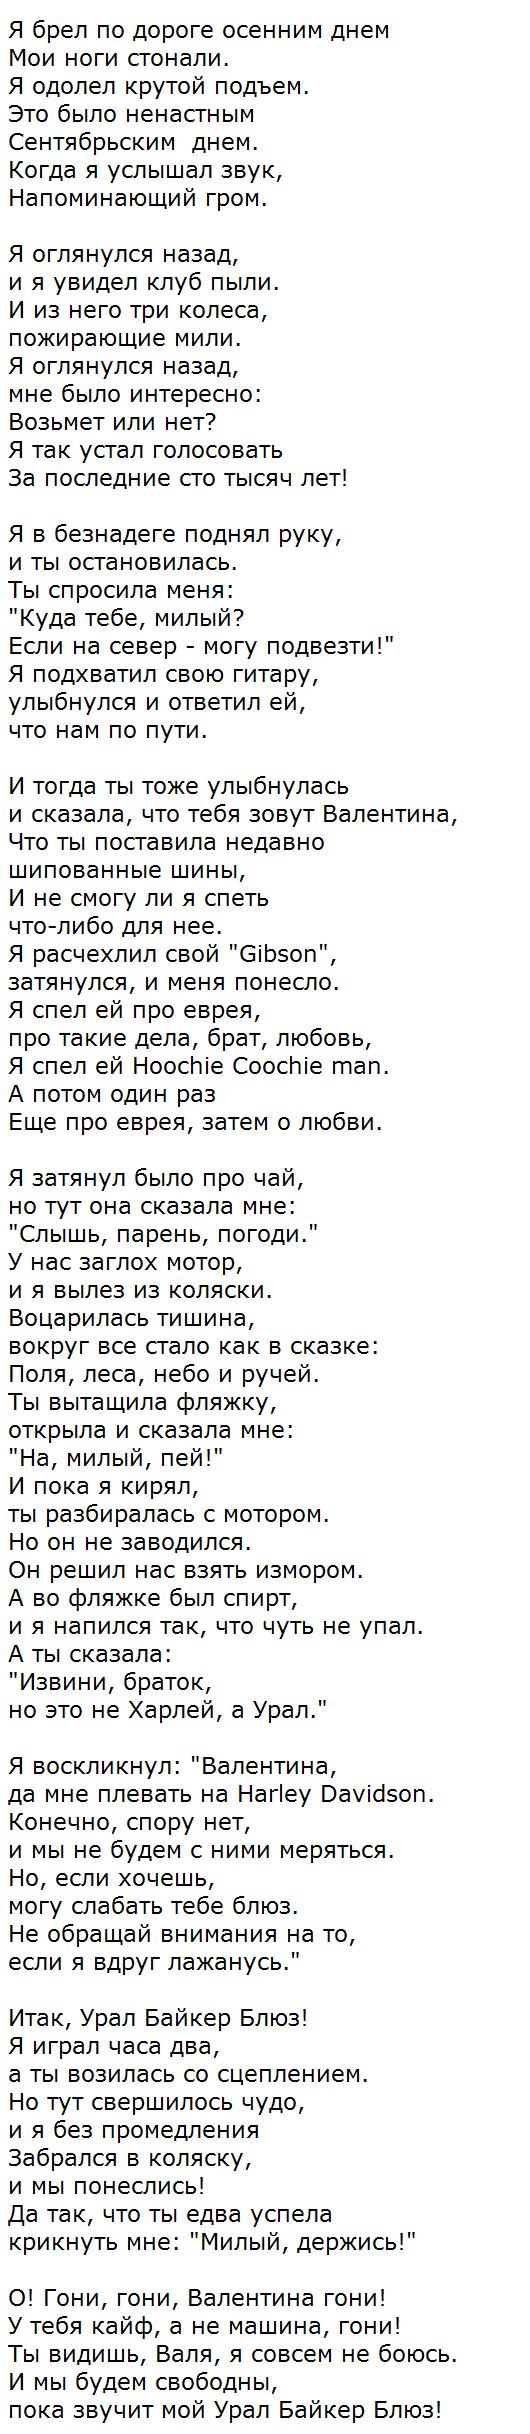 Урал Байкер Блюз : Табы